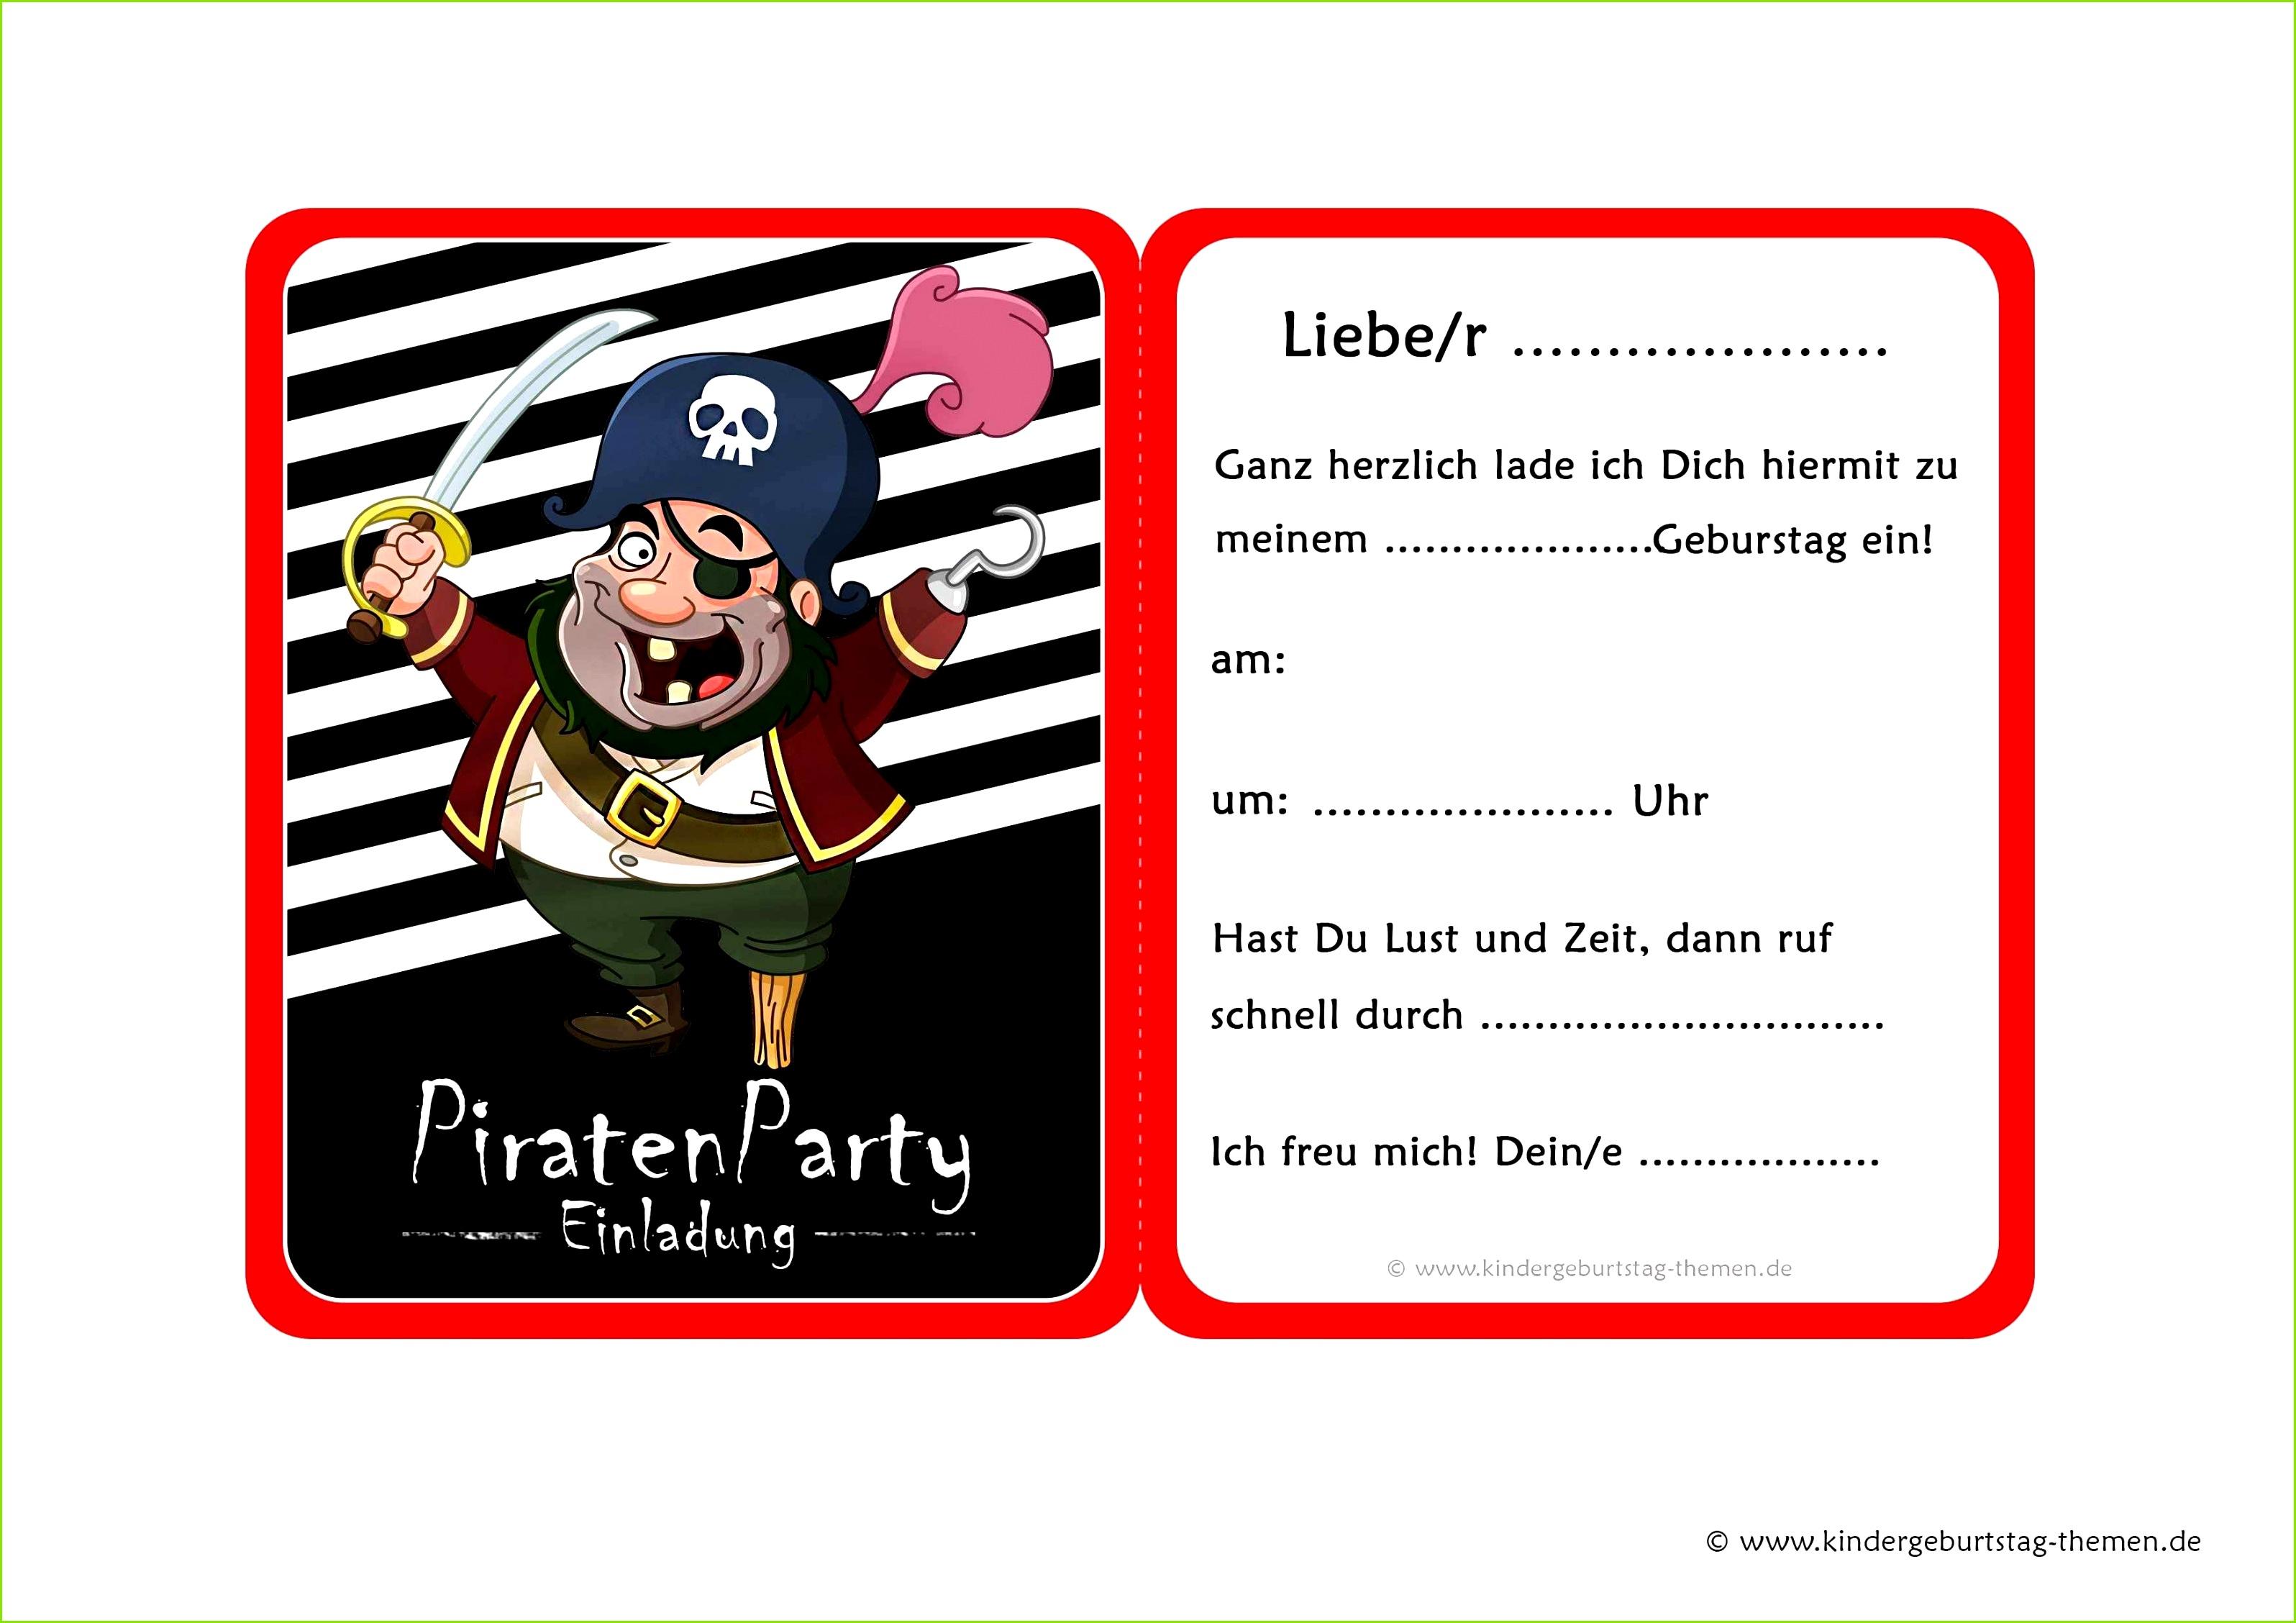 0d 59 82 Hochzeit Einladung Template Cewe Einladungskarten Goldene Hochzeit Sammlungen Kindergeburtstag fon hochzeitseinladung vorlage